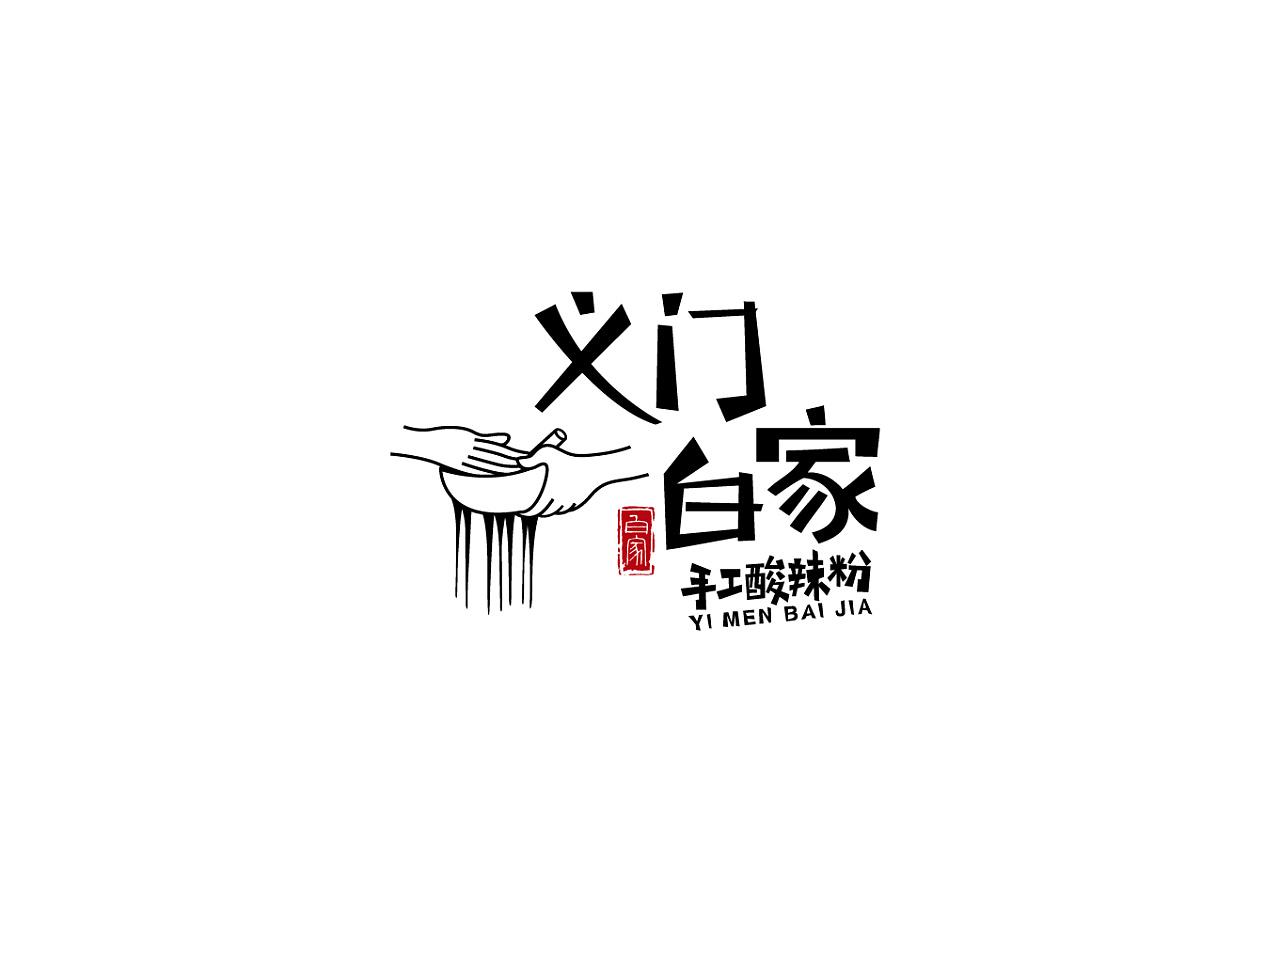 手工 小吃logo 餐饮 标志设计图片